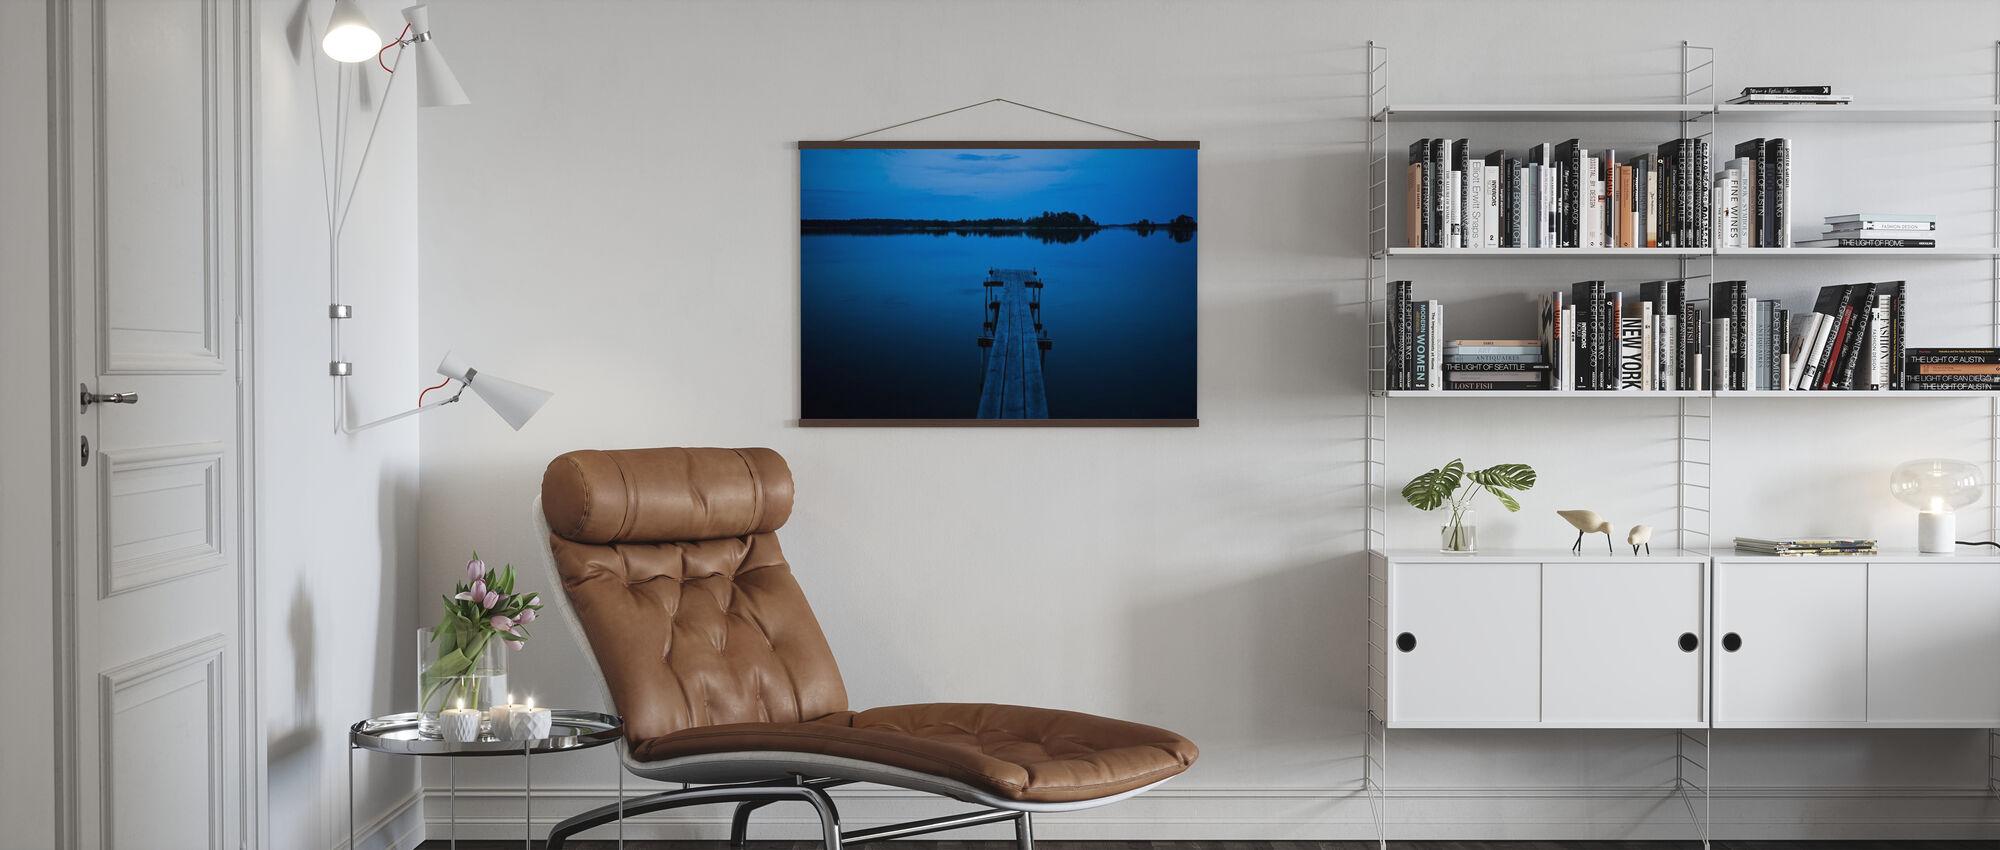 Wooden Pier at Dusk, Sweden - Poster - Living Room